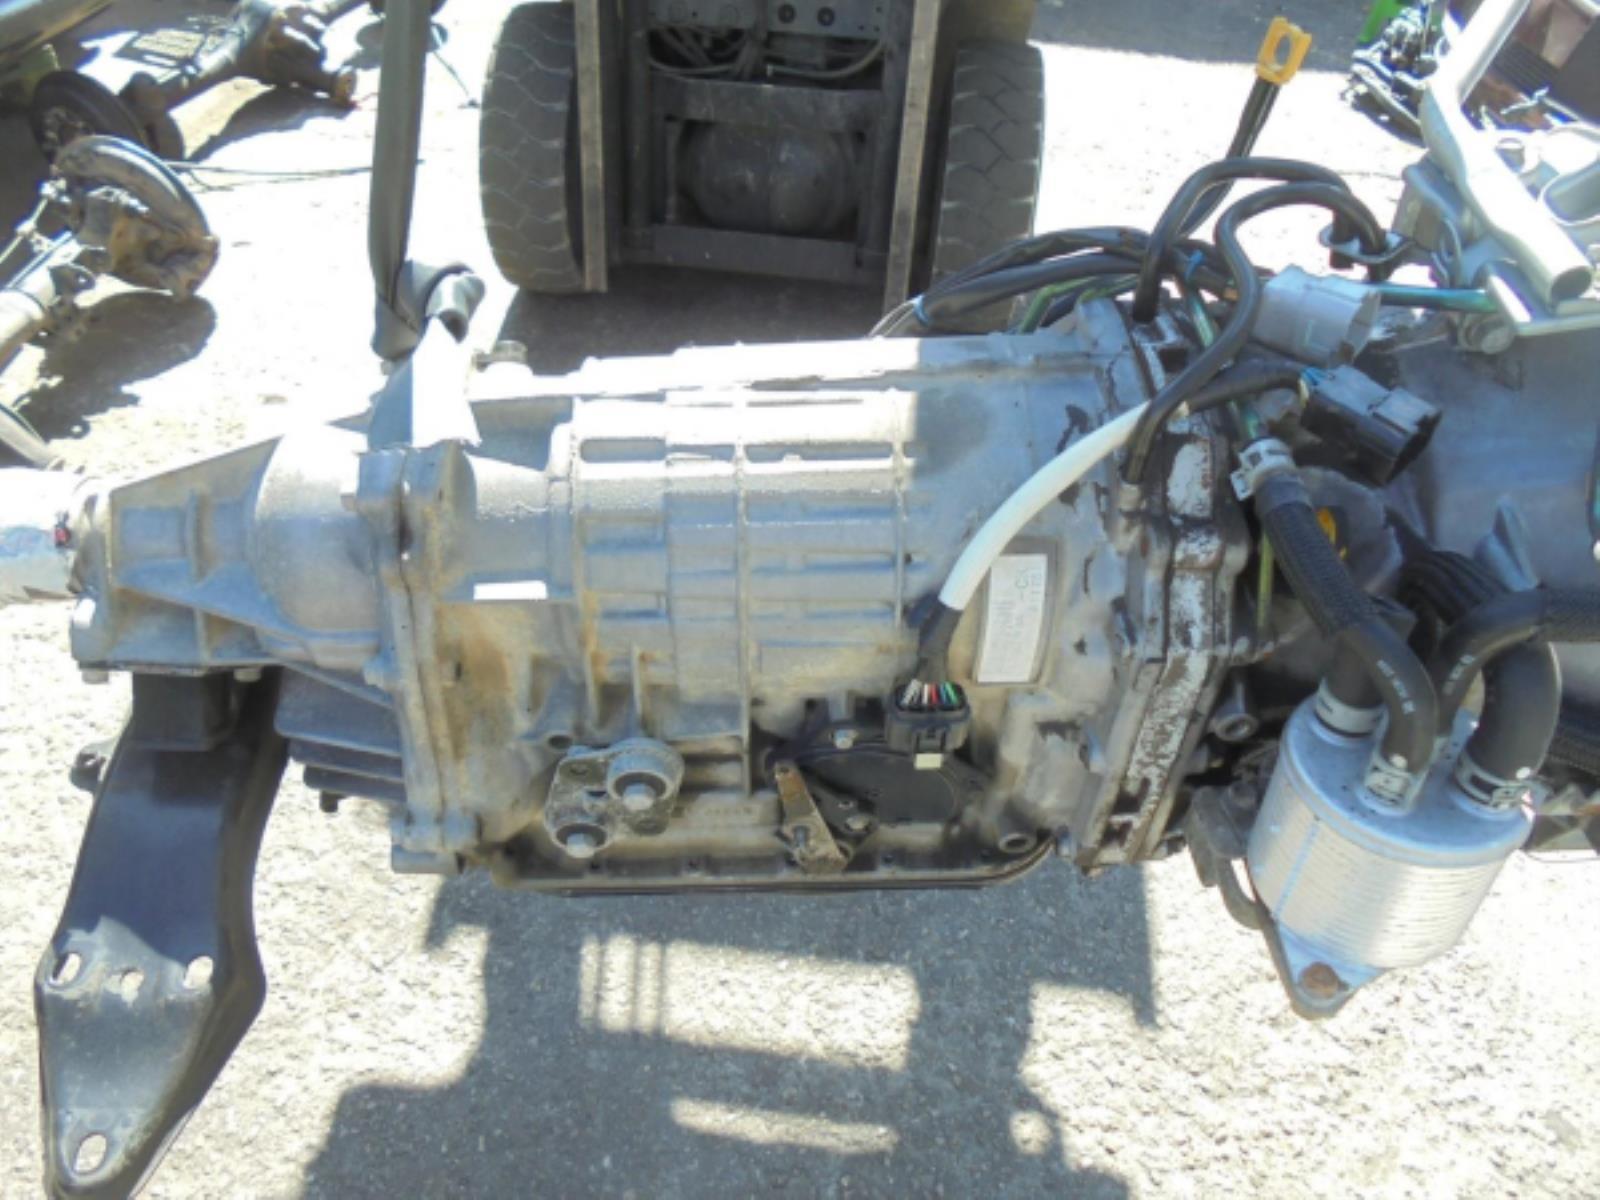 Εικόνα από Σασμάν 4WD  Αυτόματο  SUBARU FORESTER (2005-2009) 2000cc TZ1B5LTWBA-CK 411751   ατμοσφαιρικό, και βοηθητικό